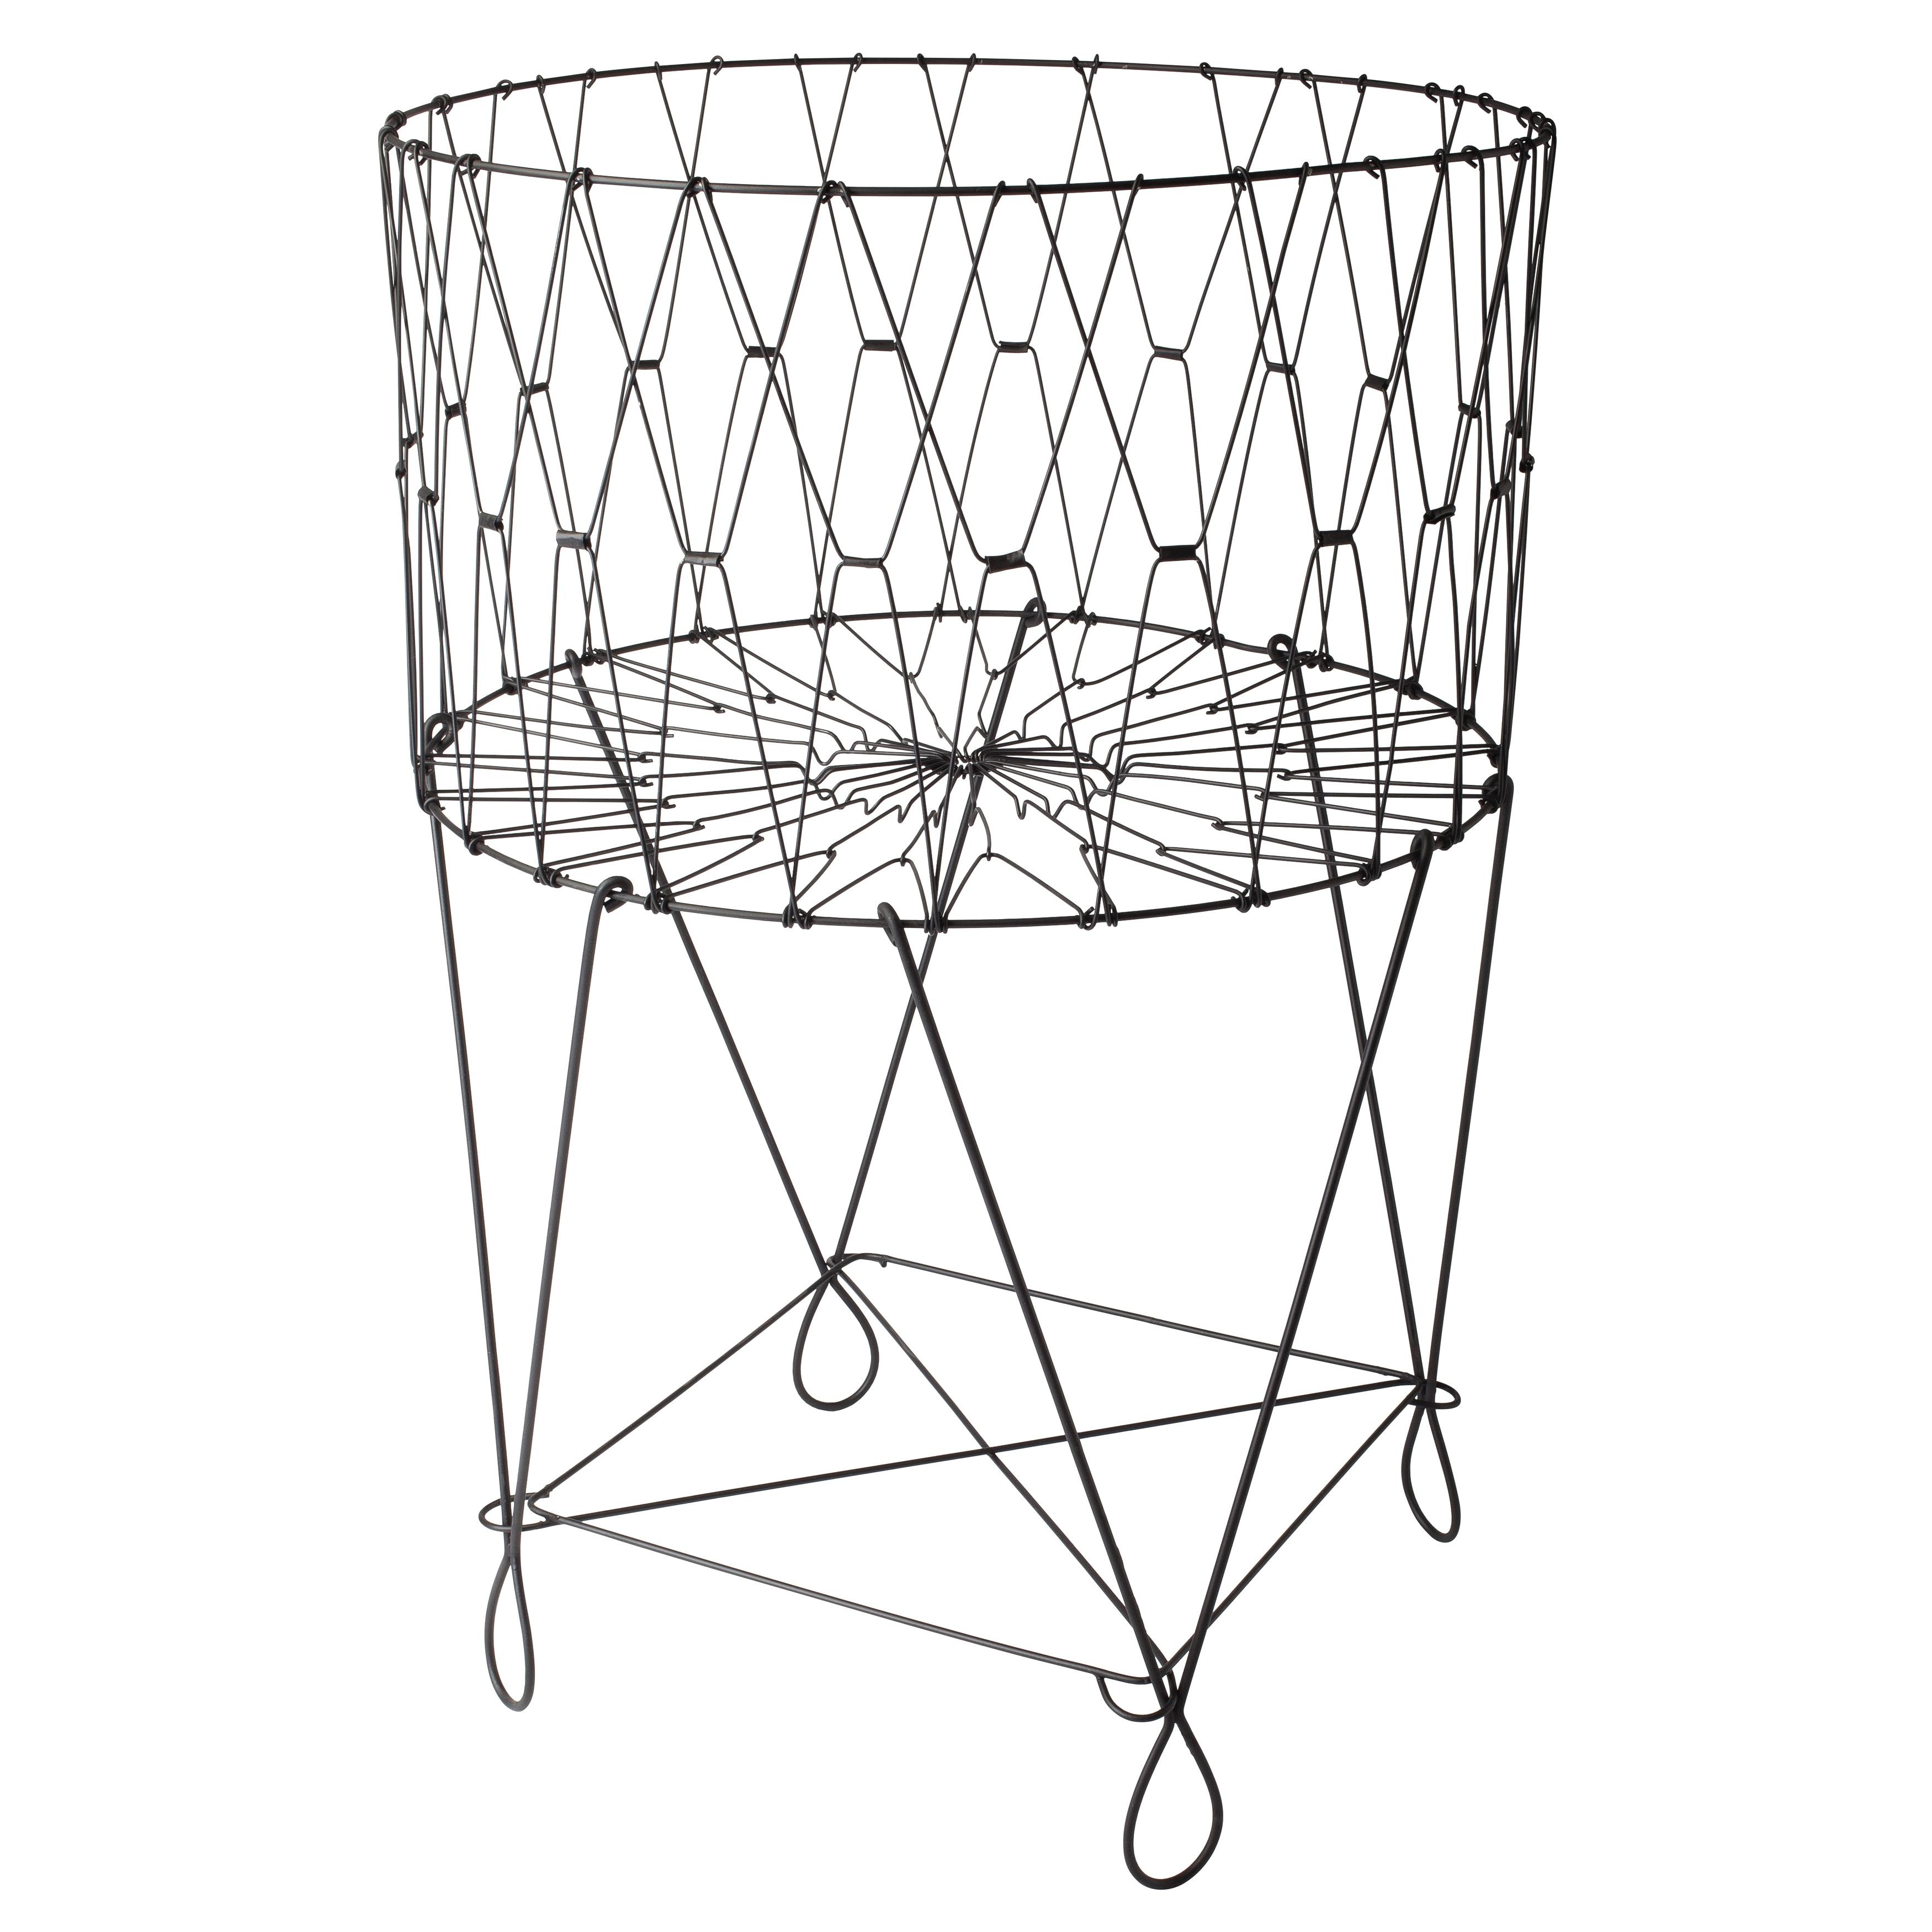 Shop Large Vintage Black Wire Laundry Basket Hamper - On Sale - Free ...